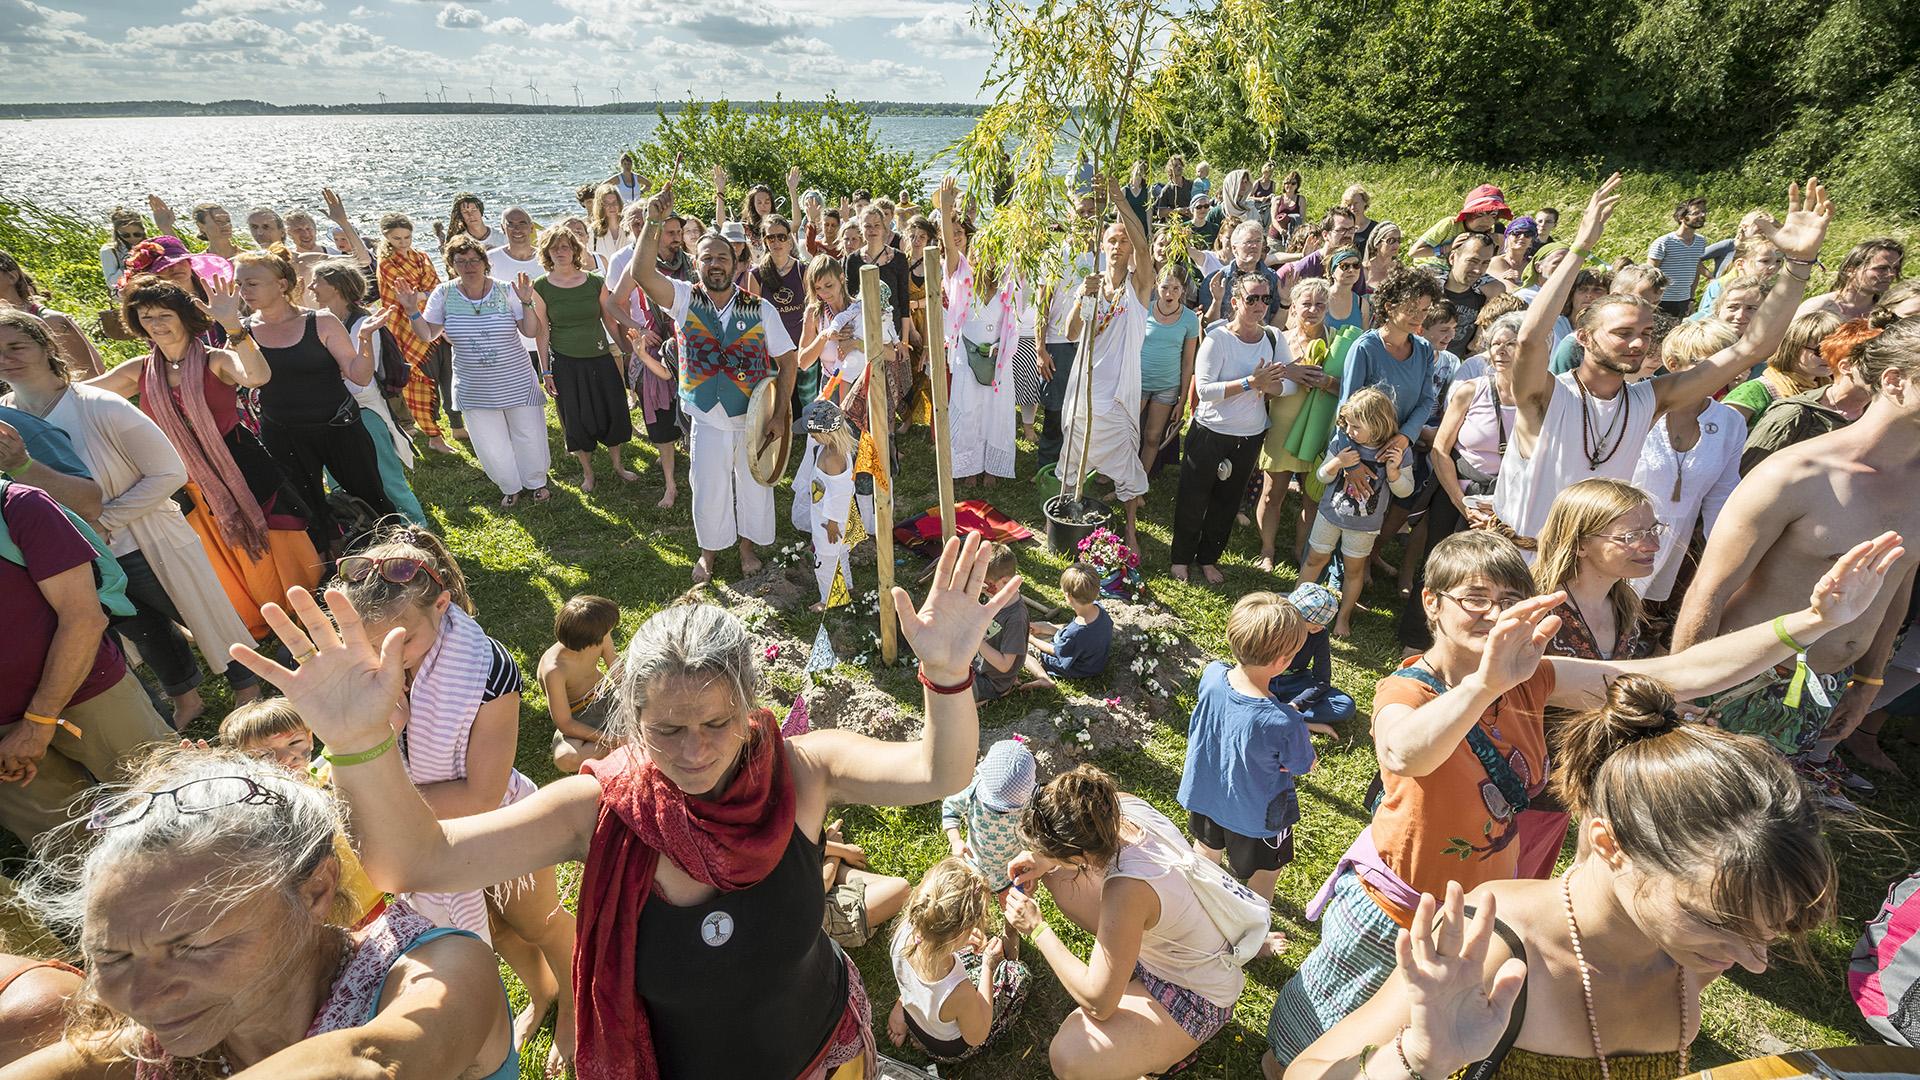 Yoga Love Festival auf der Insel Plauer Werder. Friedensbaum Zeremonie mit Isabella und Matthias Walter. Mecklenburg, 17.06.2017